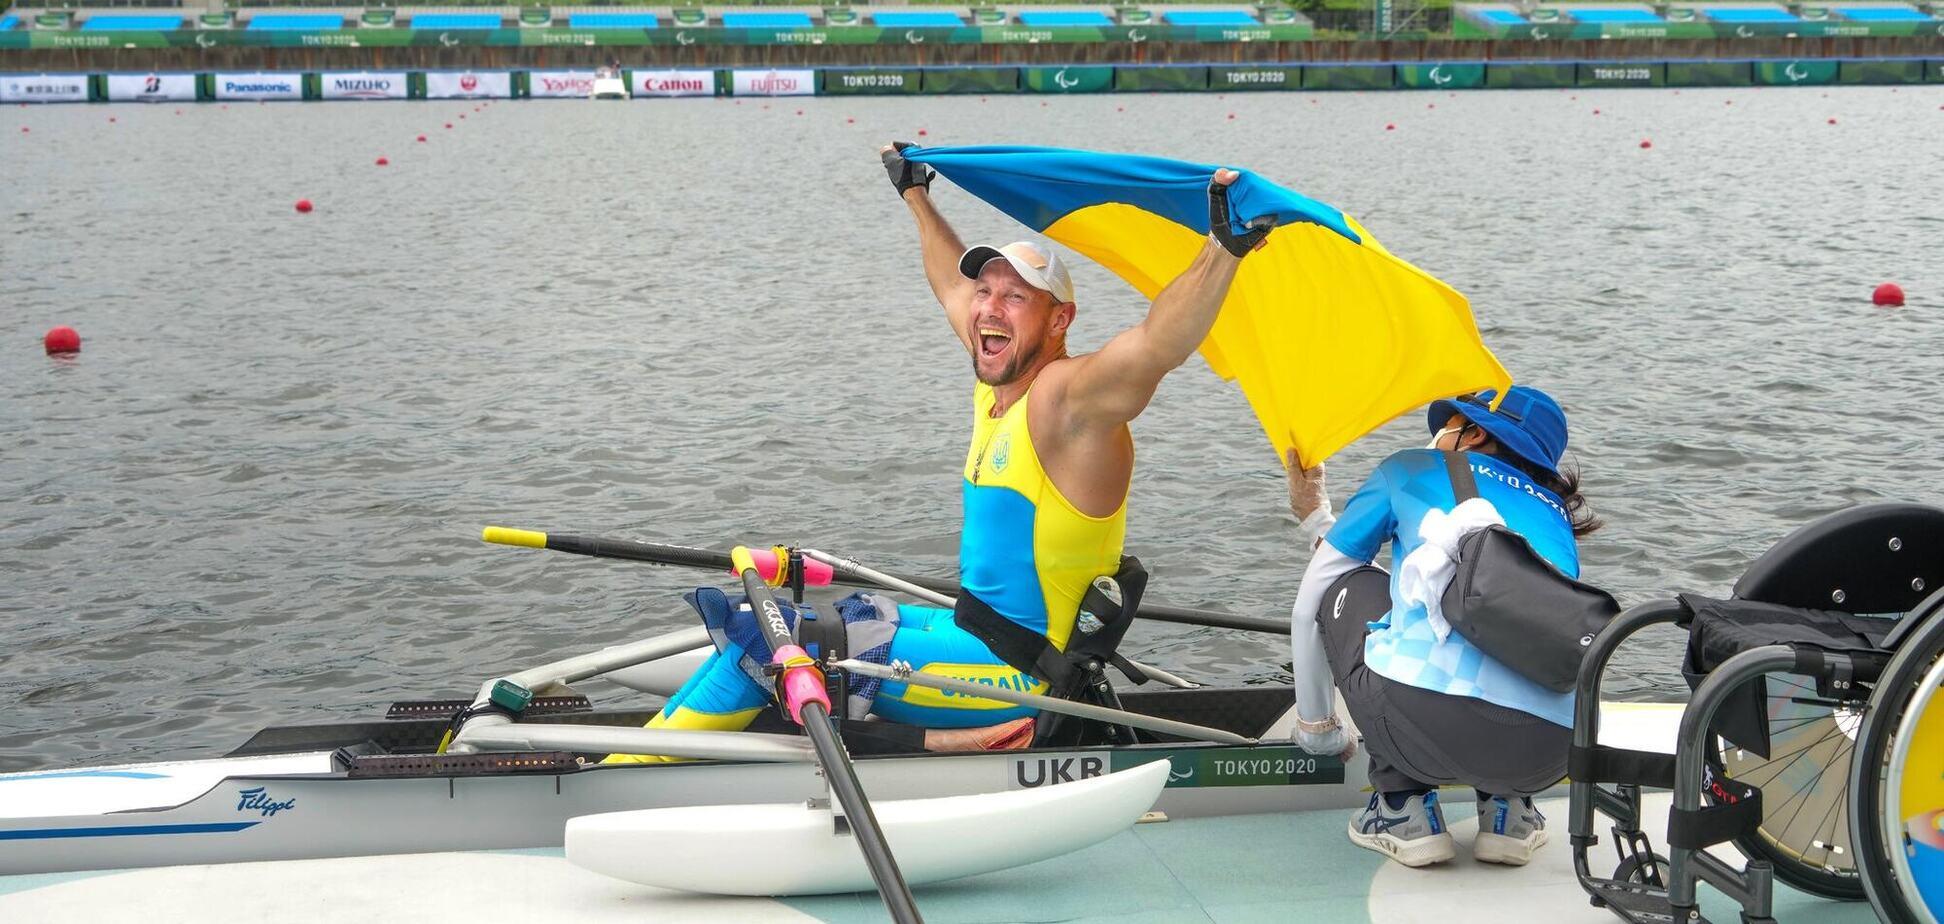 Роман Полянский стал одним из украинцев, выигравших 'золото' на ПИ-2020